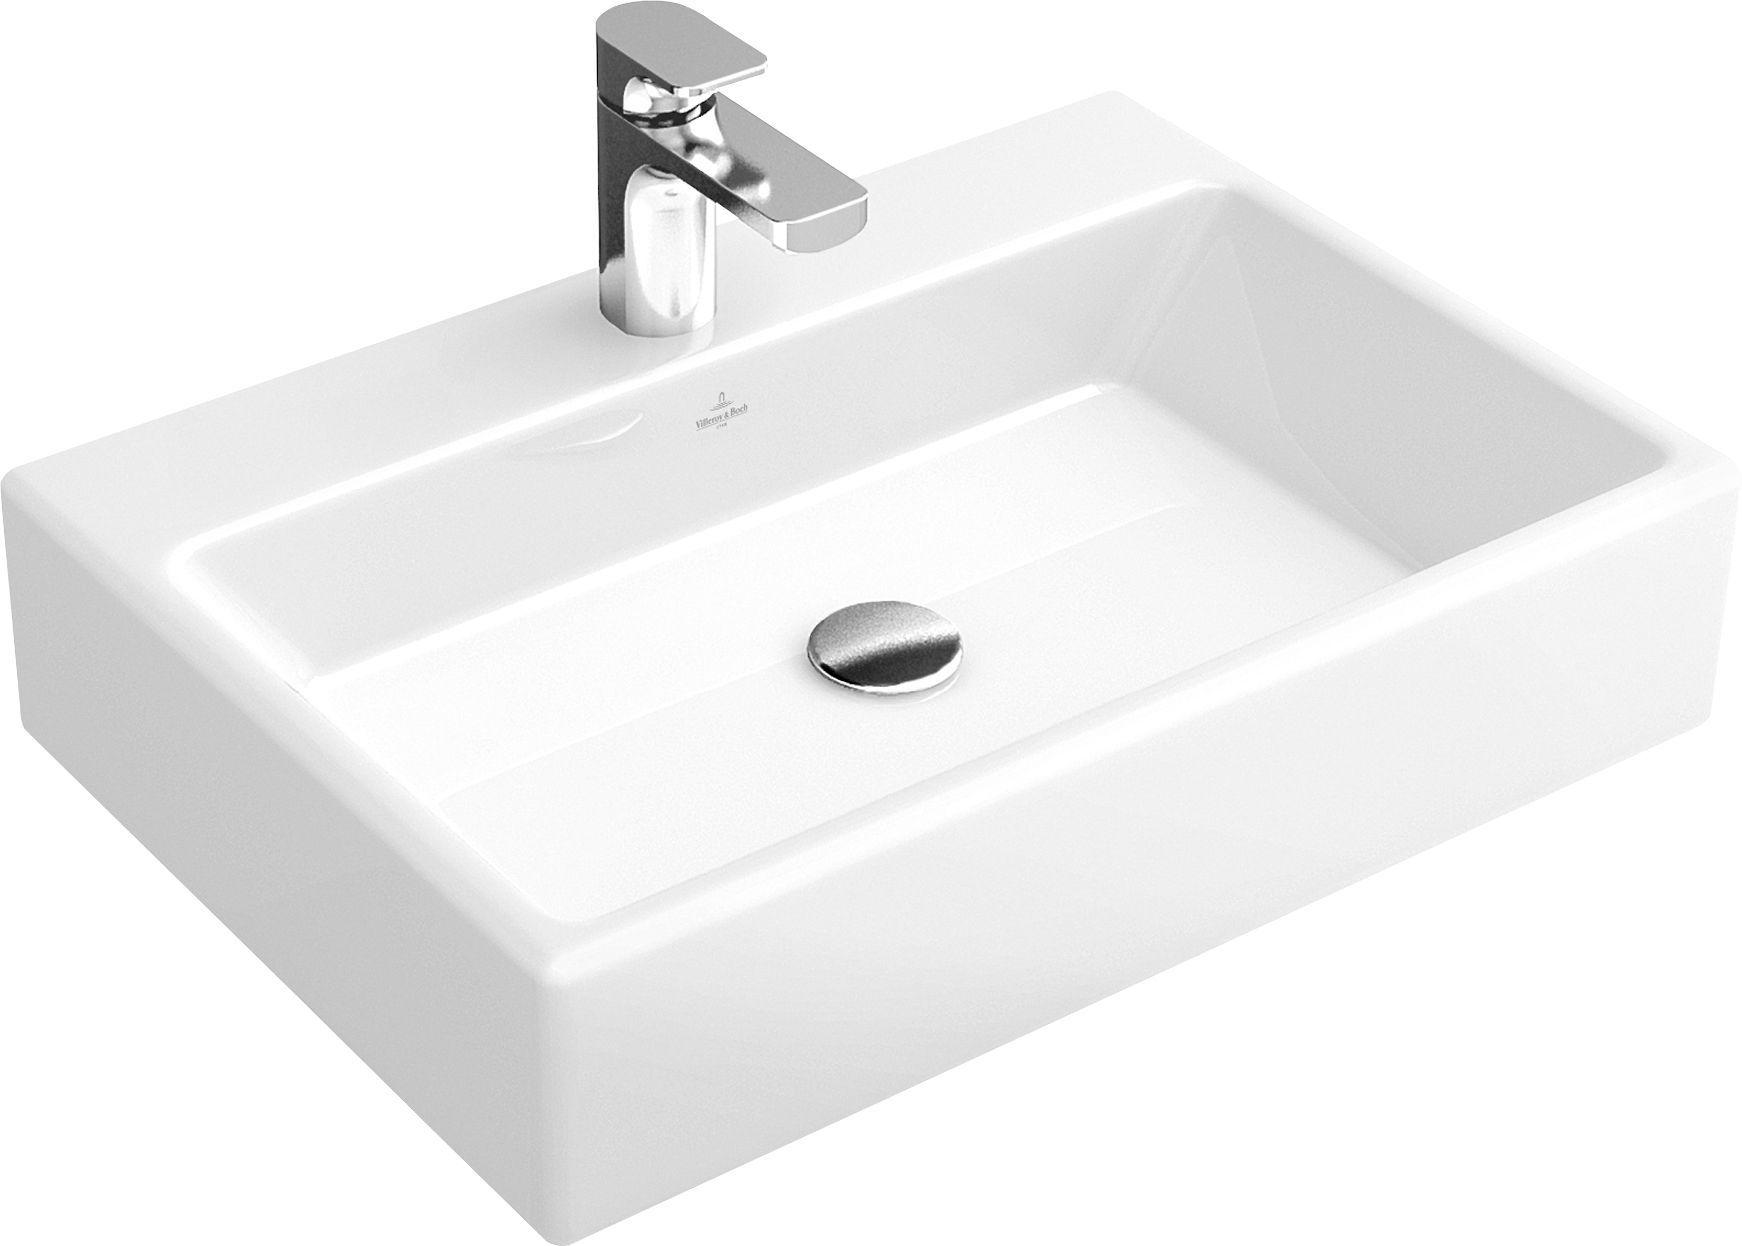 Villeroy & Boch Memento Aufsatzwaschtisch B:60xT:42xH:14cm 1 Hahnloch ohne Überlauf weiß mit Ceramicplus 513561R1